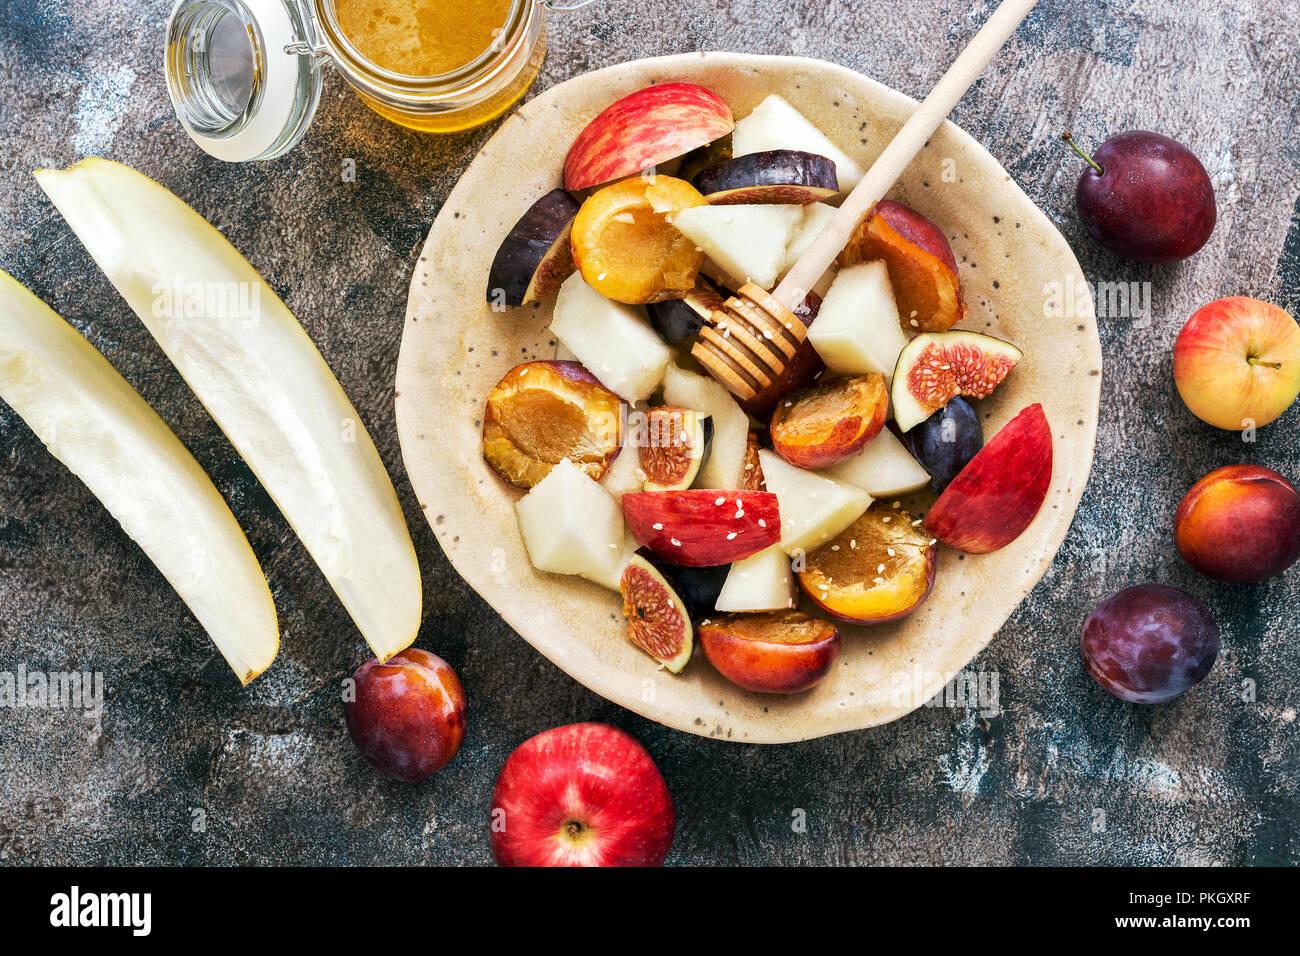 Salade de fruits frais de melon, figues, pommes, prunes et miel sur un fond sombre, rustique vue d'en haut. Le concept d'une saine alimentation. télévision lay Photo Stock